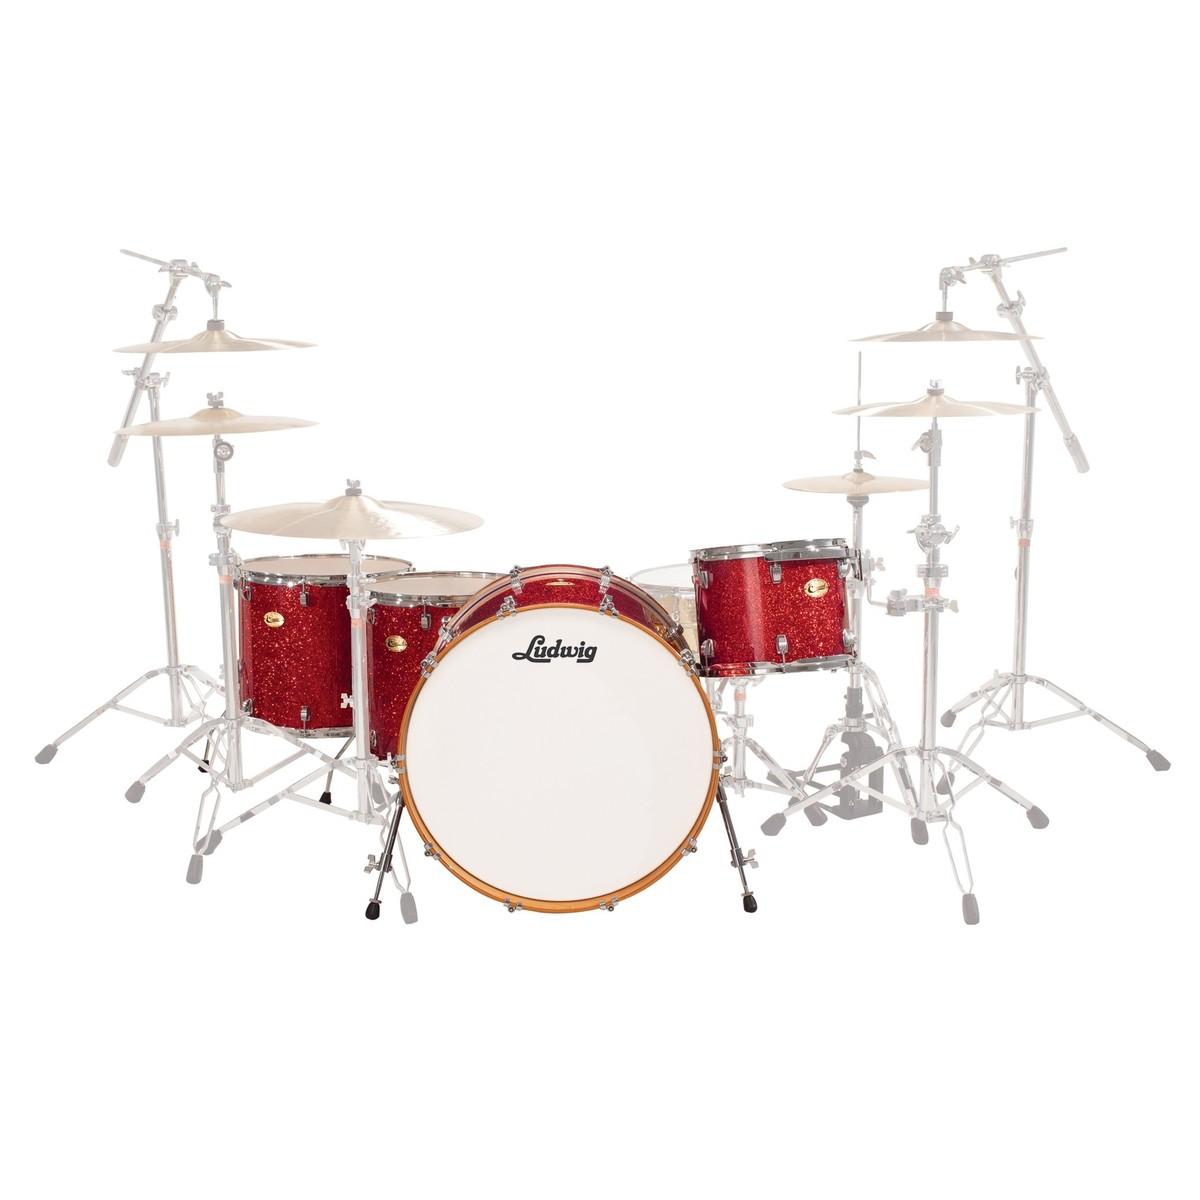 ludwig bubny Dave průvodce online seznamka